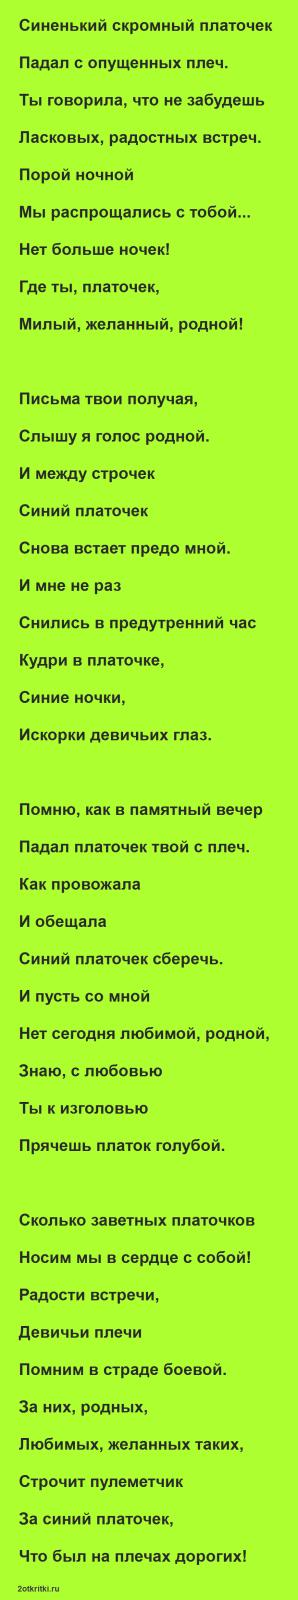 Военные песни к 9 мая для школьников - Синий платочек